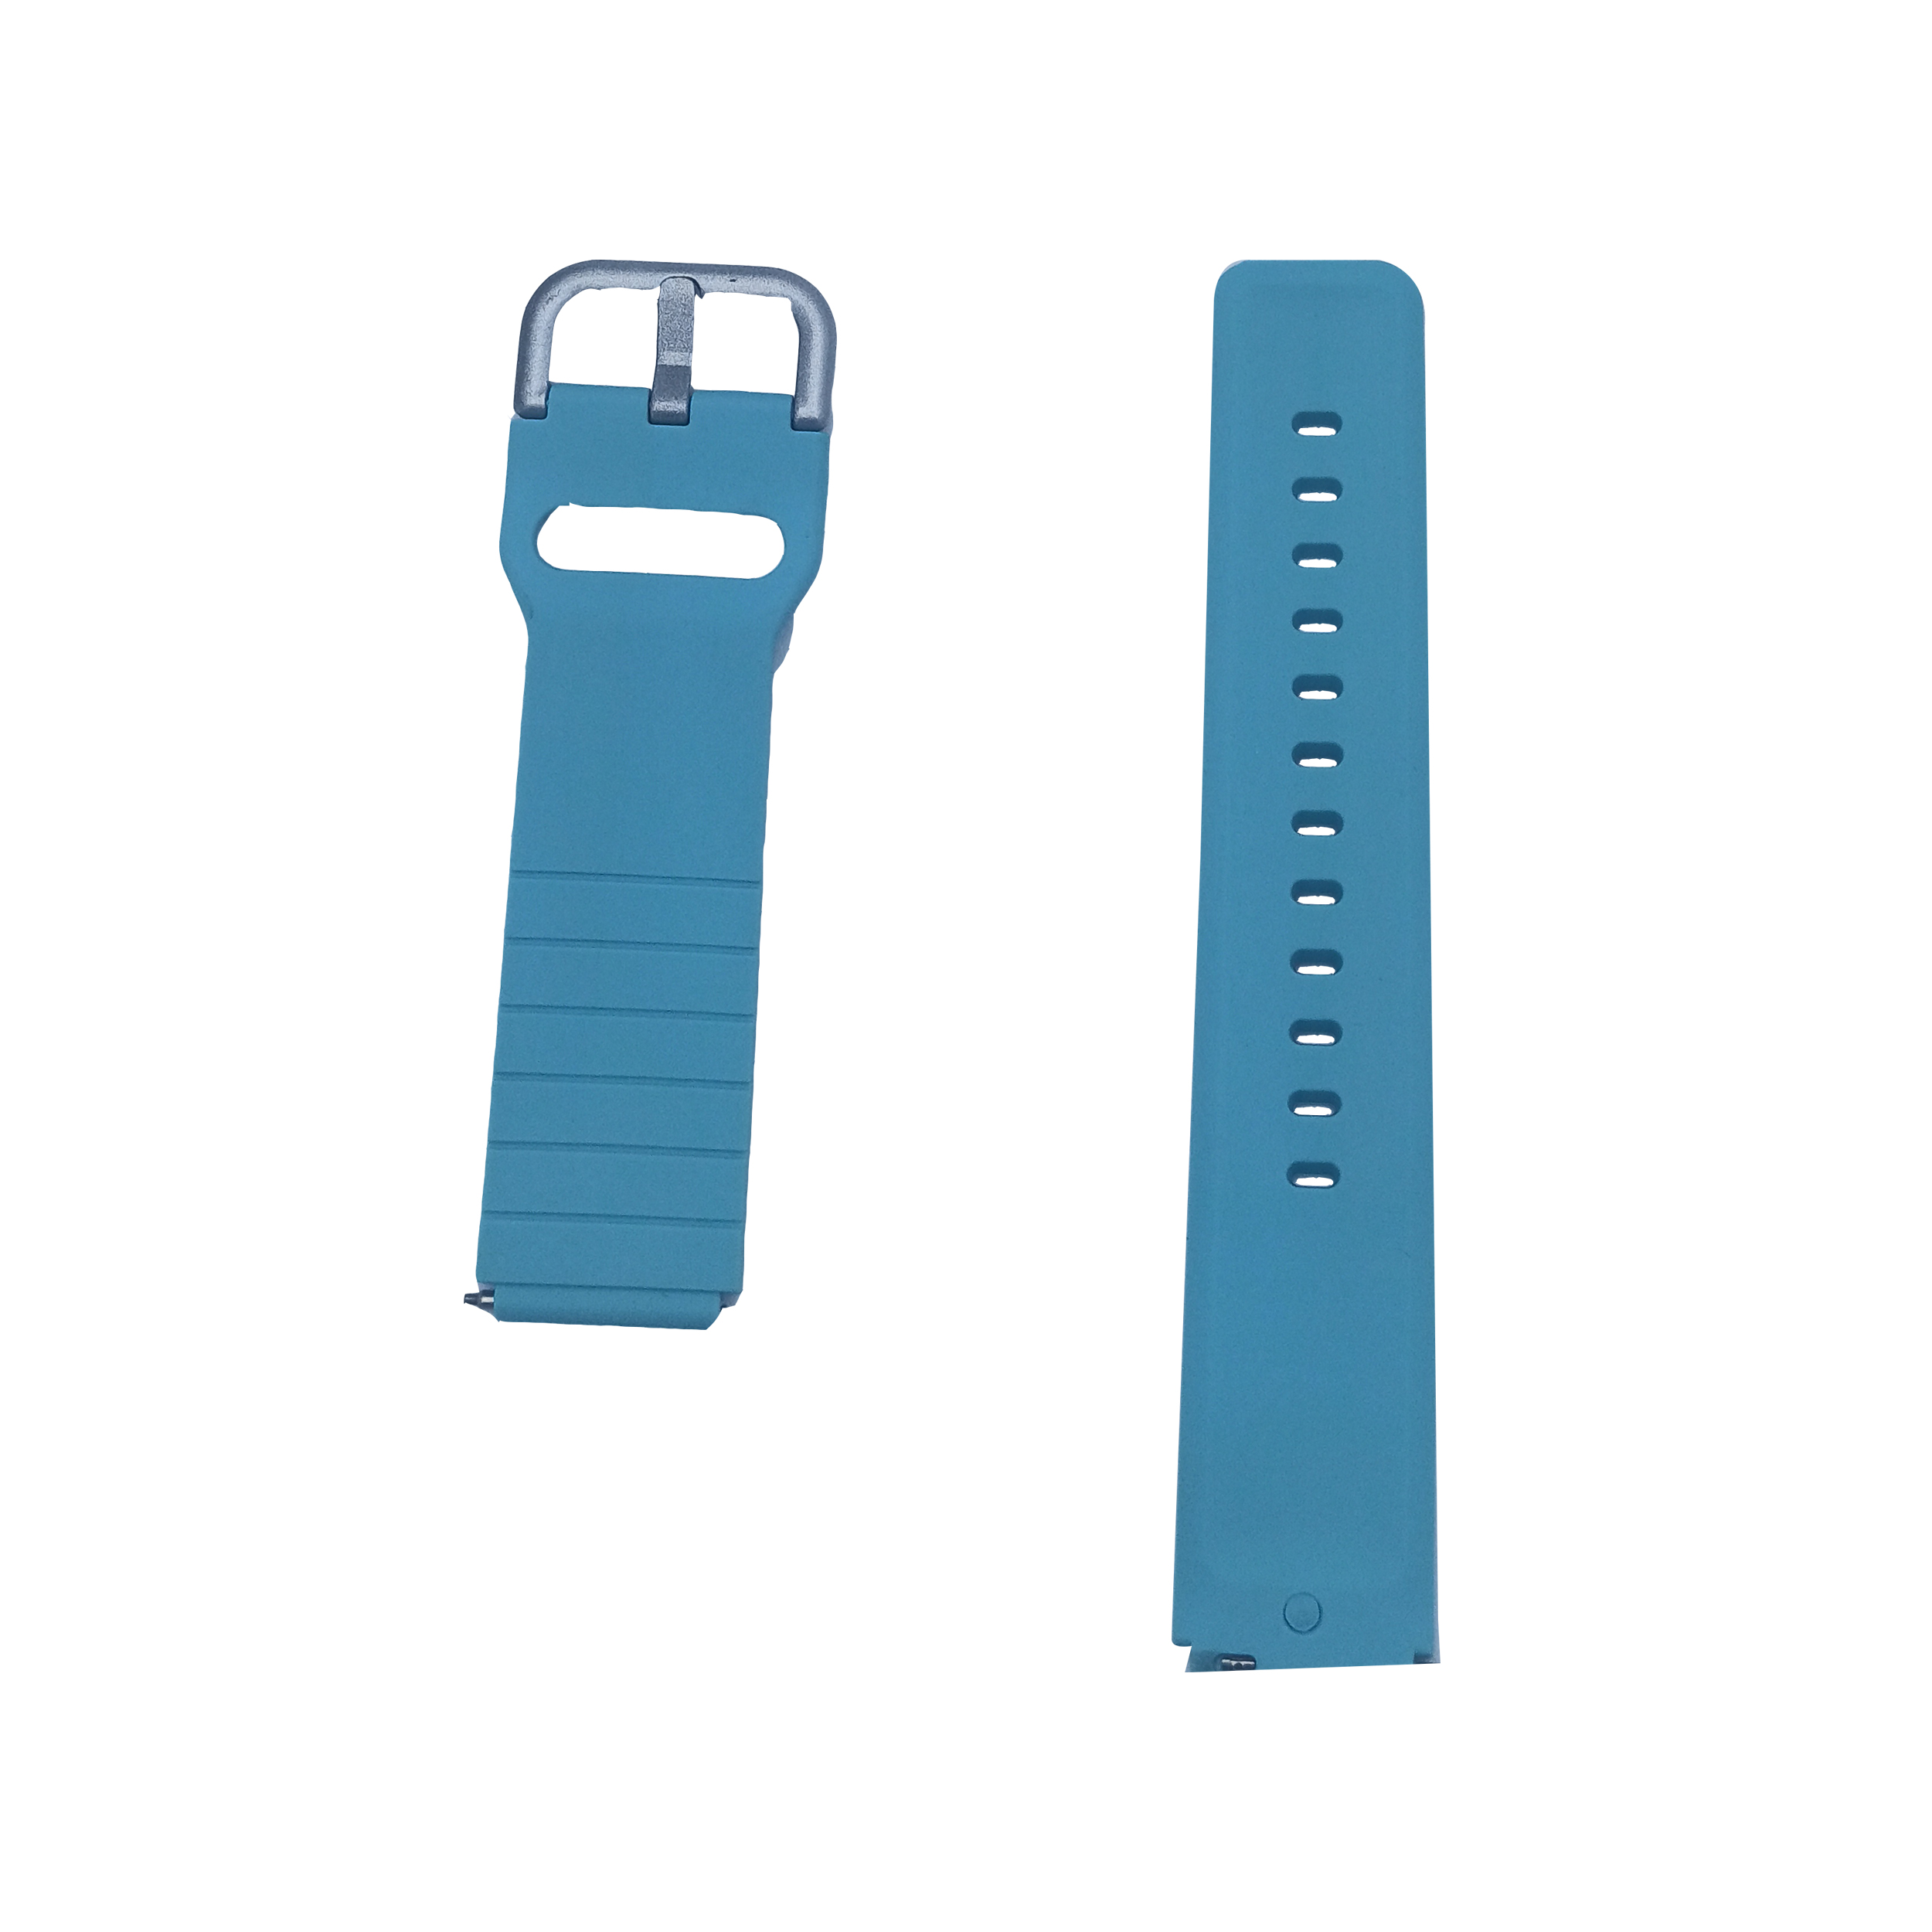 بند ساعت مدل GW22 مناسب برای ساعت هوشمند شیائومی Haylou LS01/LS02